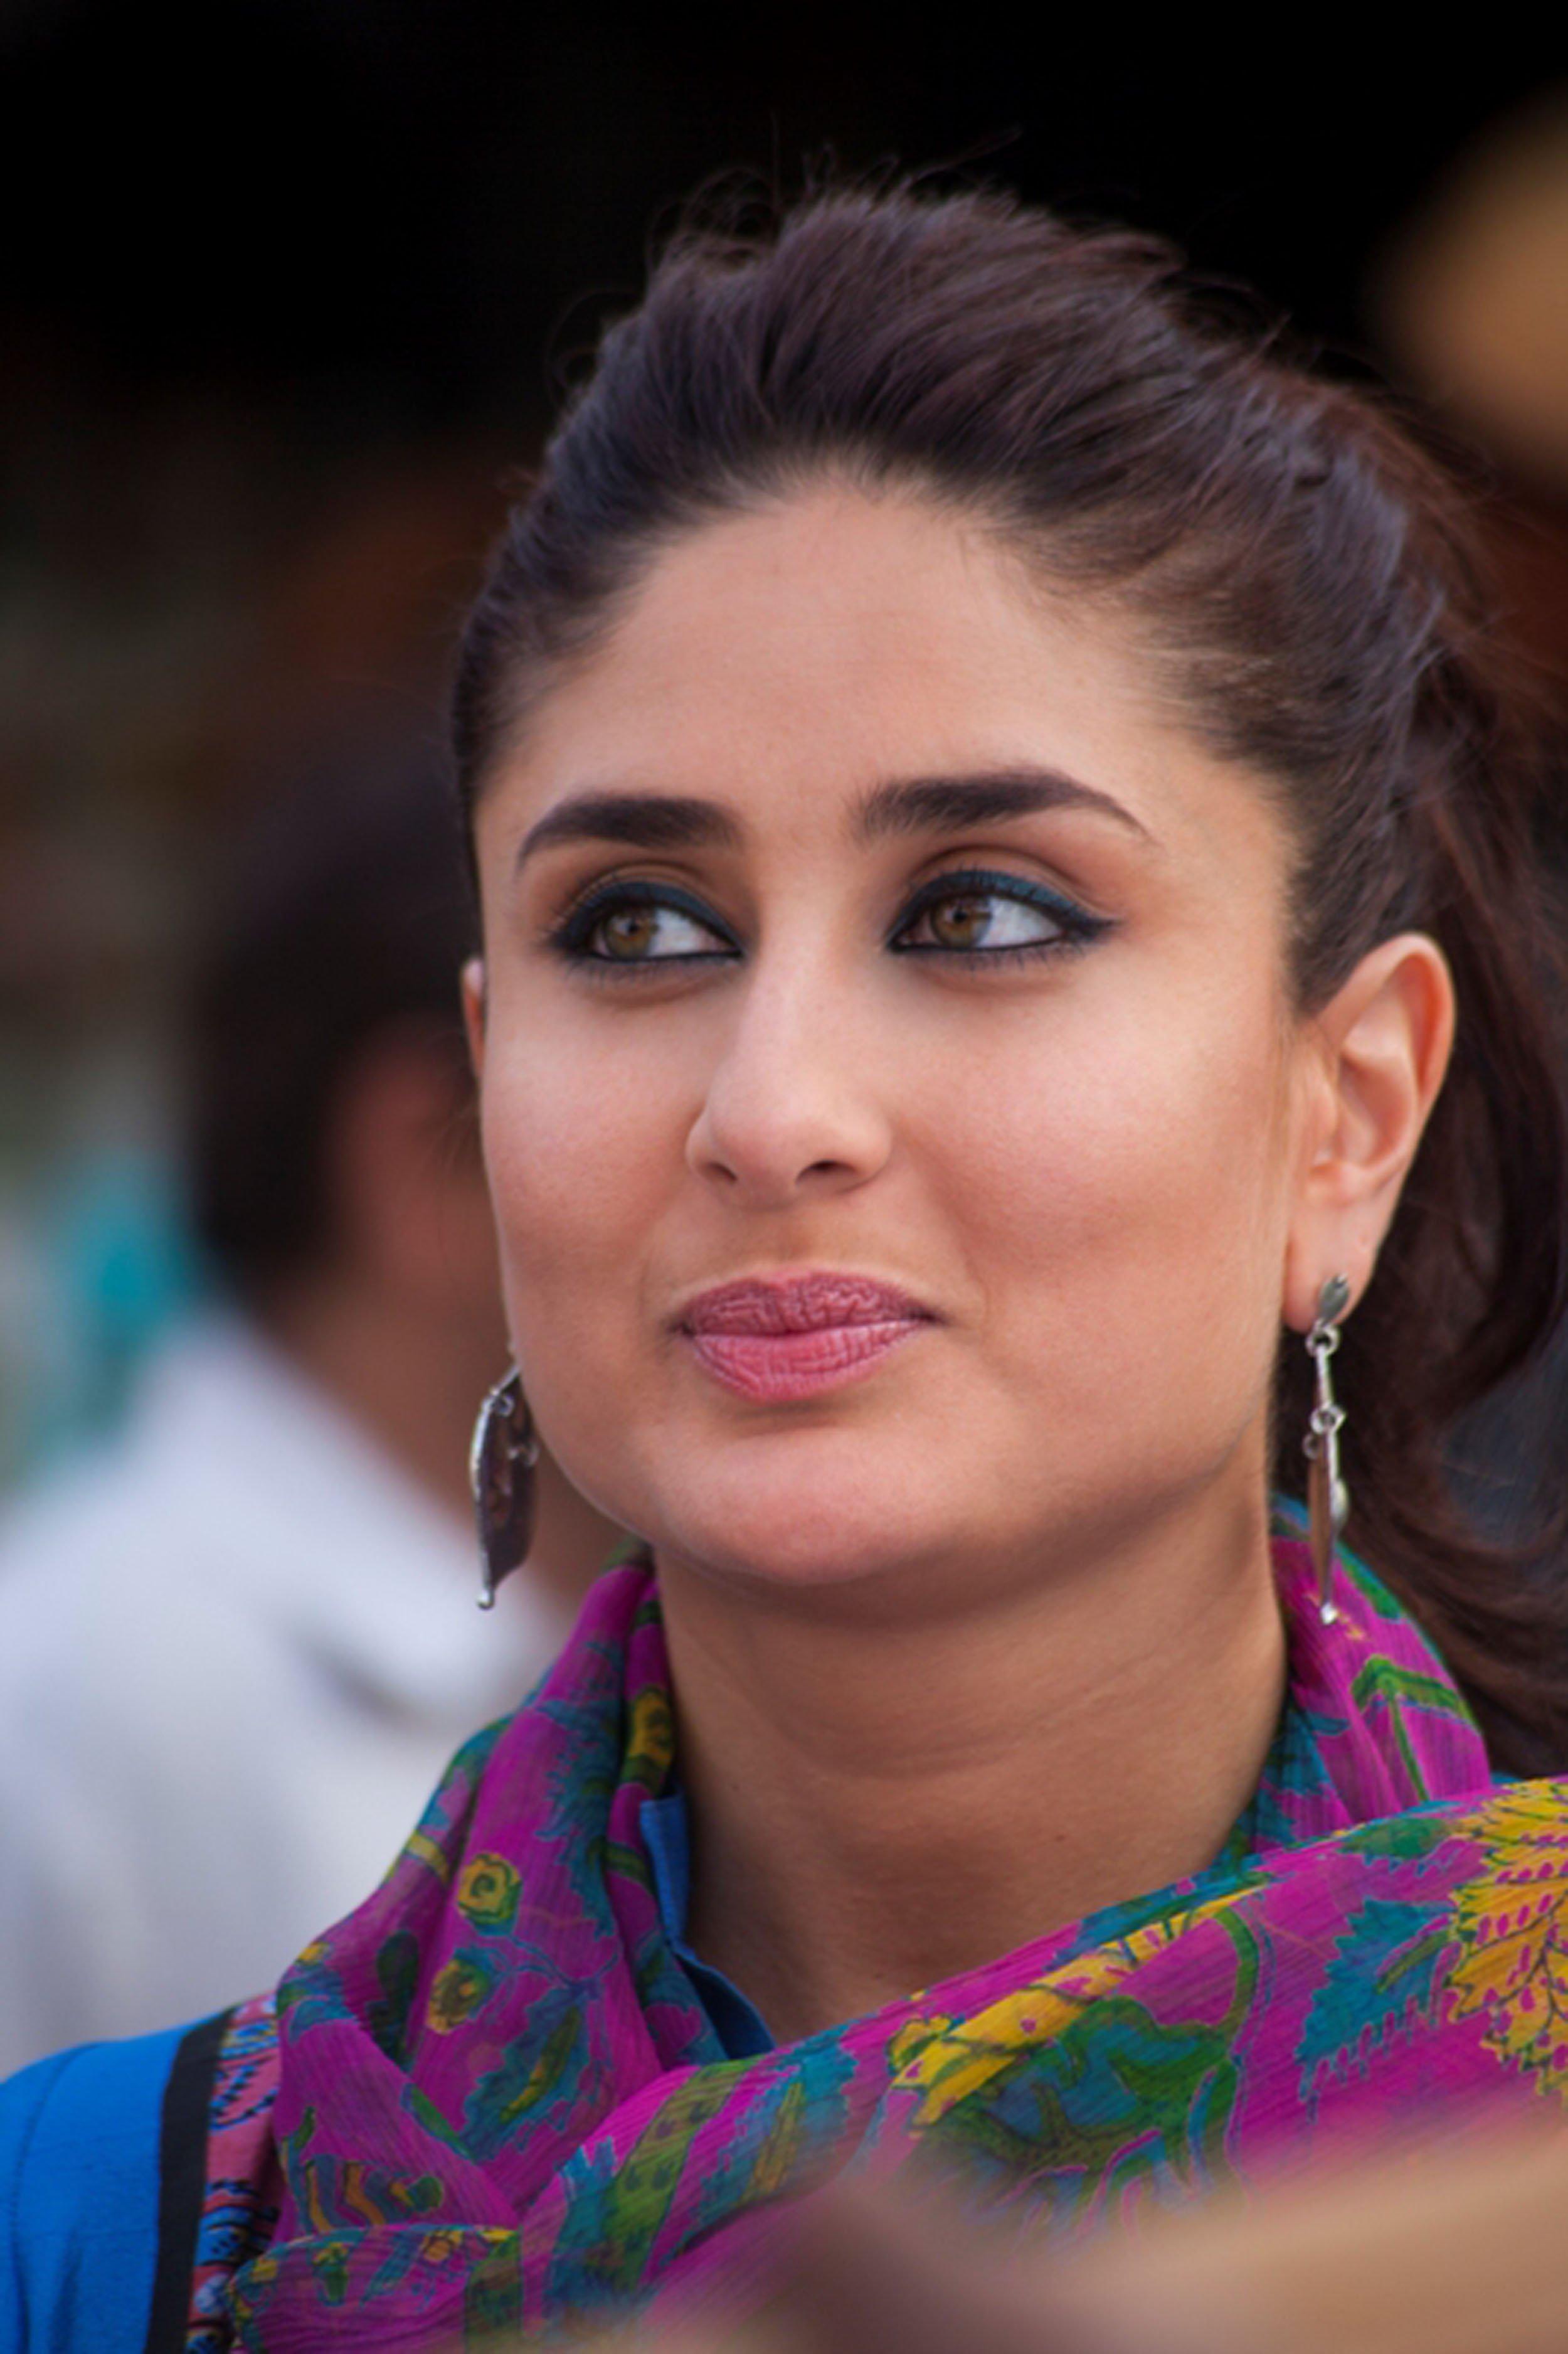 Kareena-Kapoor-Picture-Backgrounds